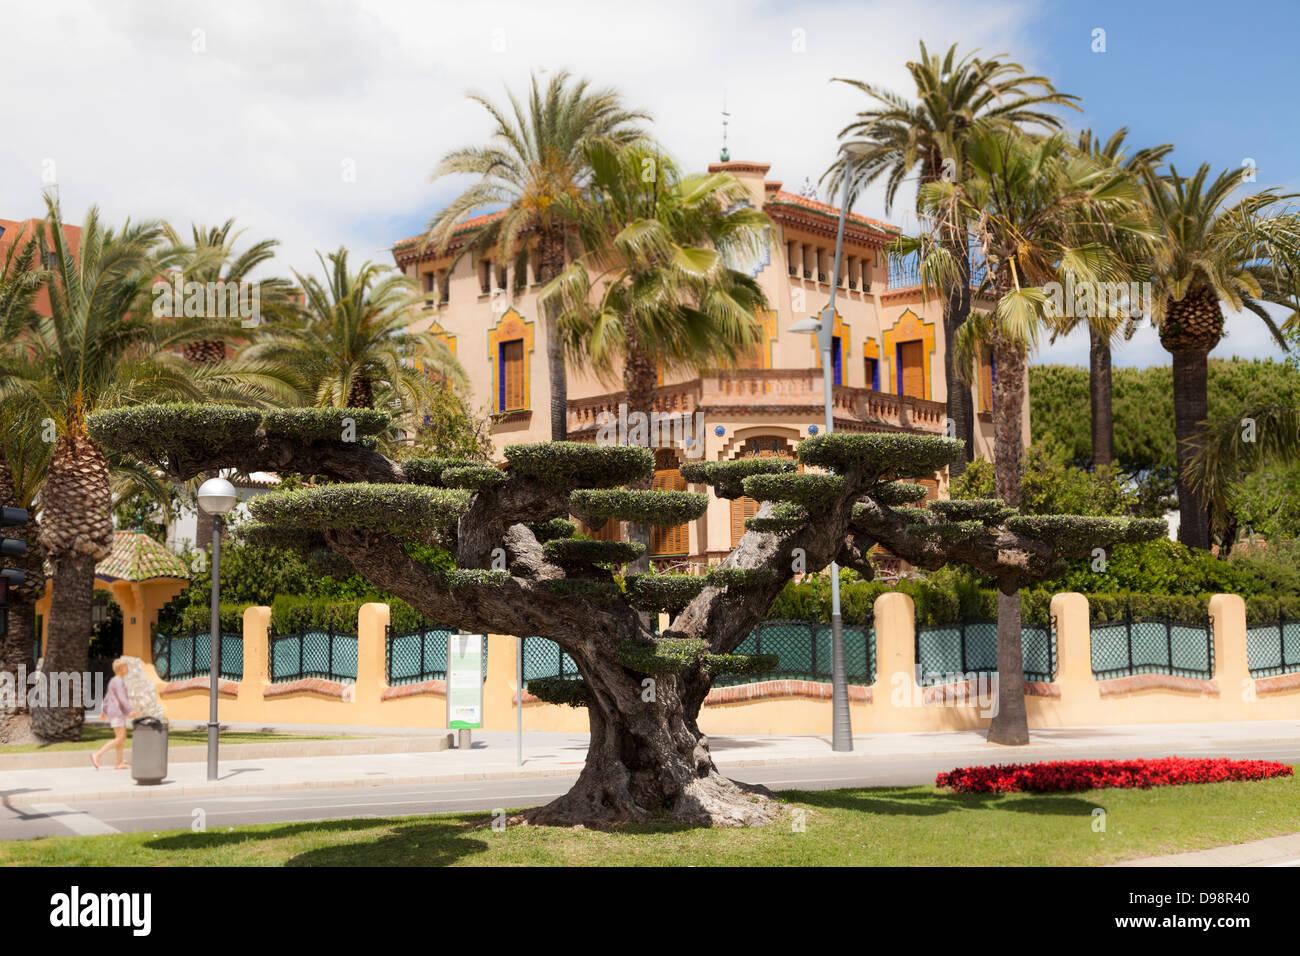 Árbol topiary y xalet bonet construido por Ciriac Bonet modernismo tardío arquitectura en Salou España Imagen De Stock